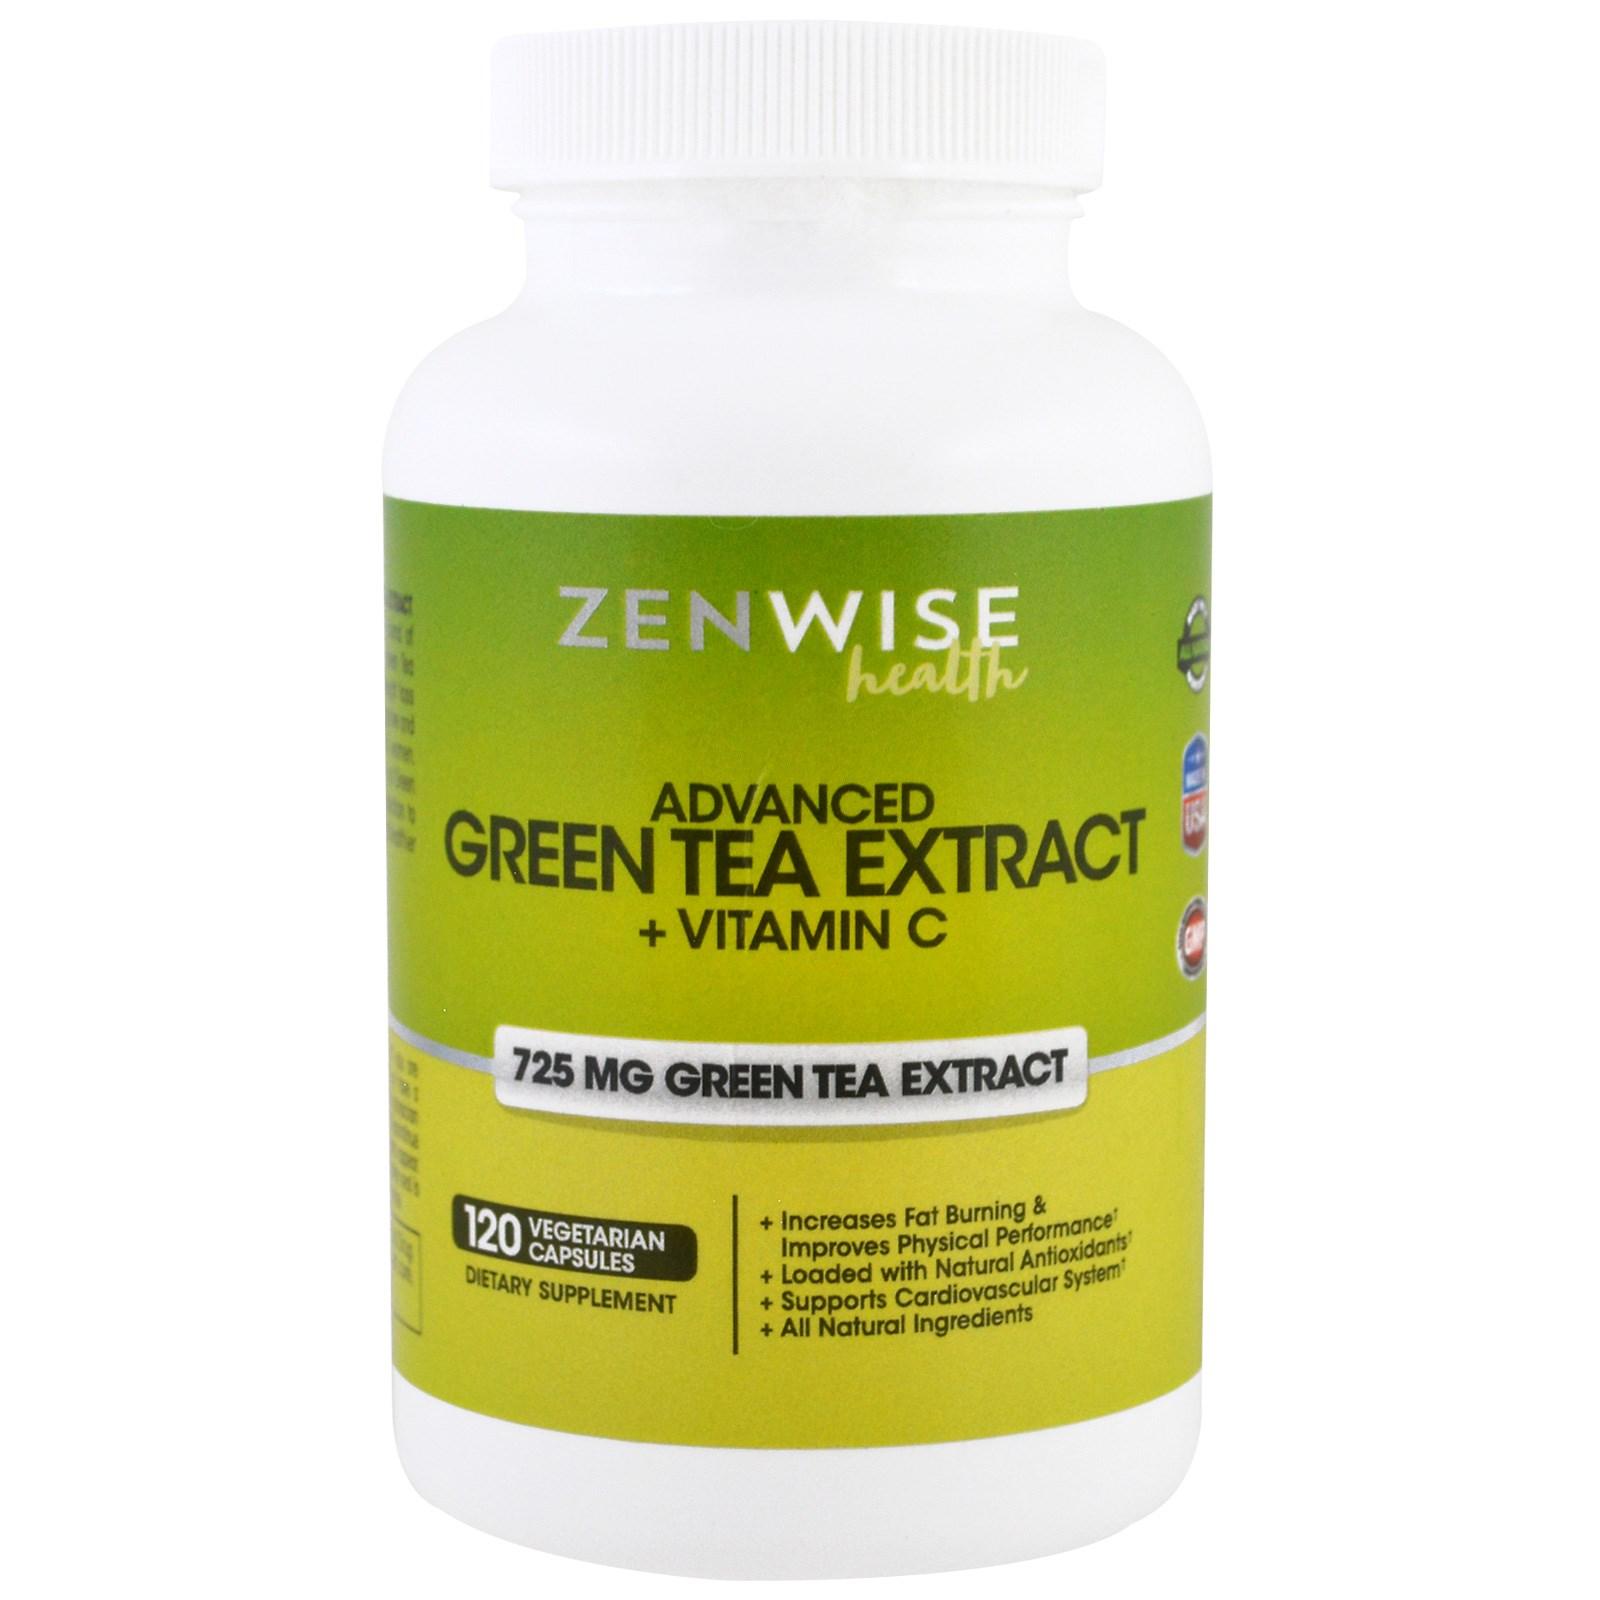 Zenwise Health, Расширенный экстракт зеленого чая плюс витамин C, 120 растительных капсул